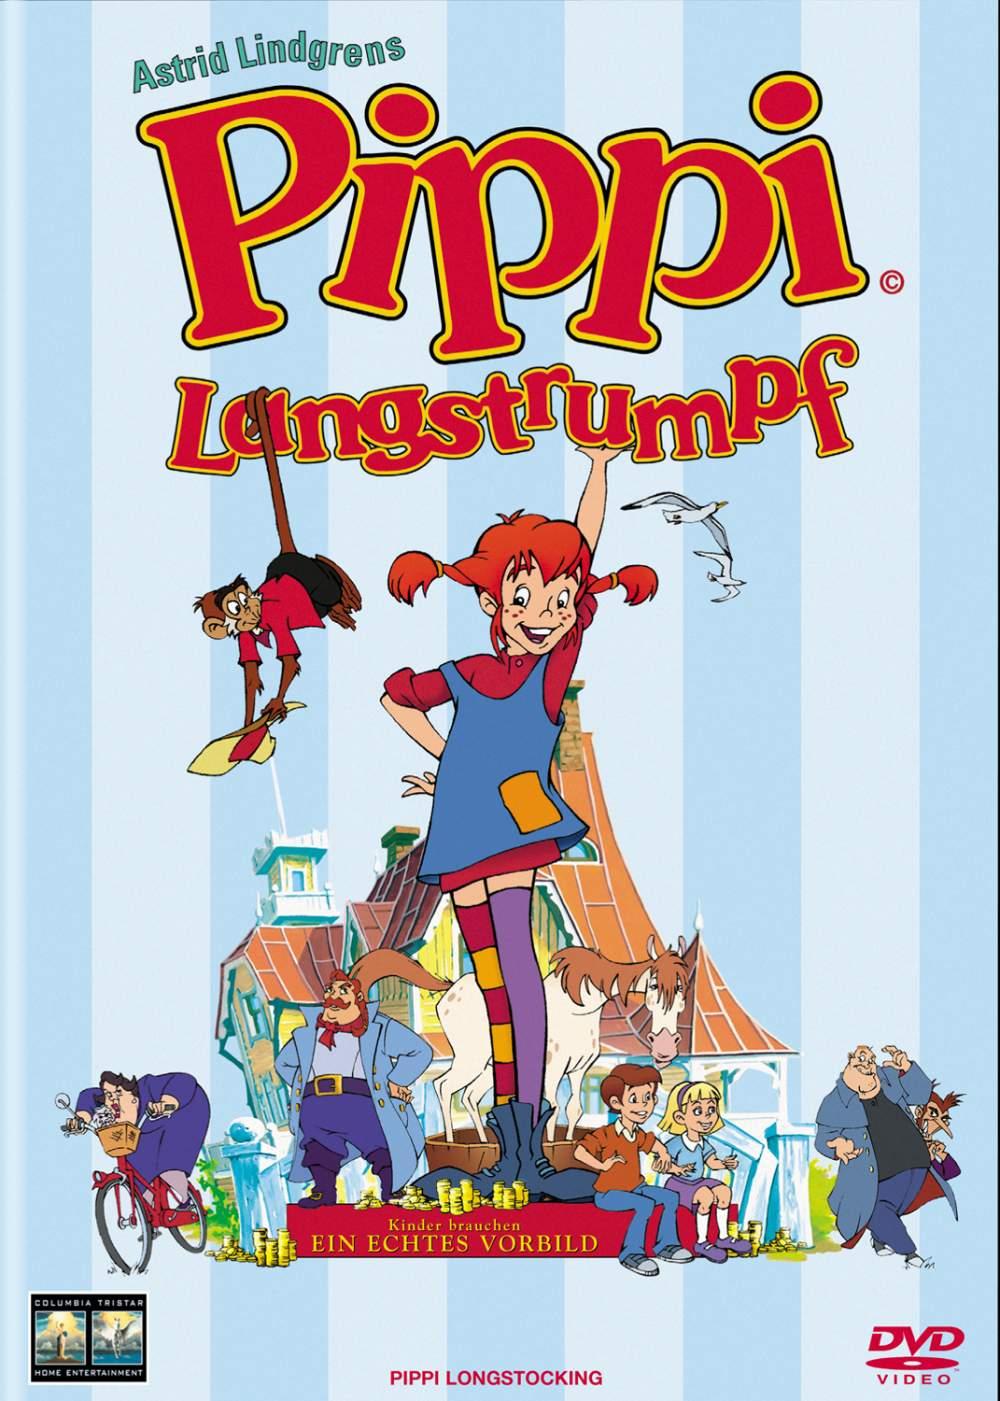 Pipi Langstrunpf